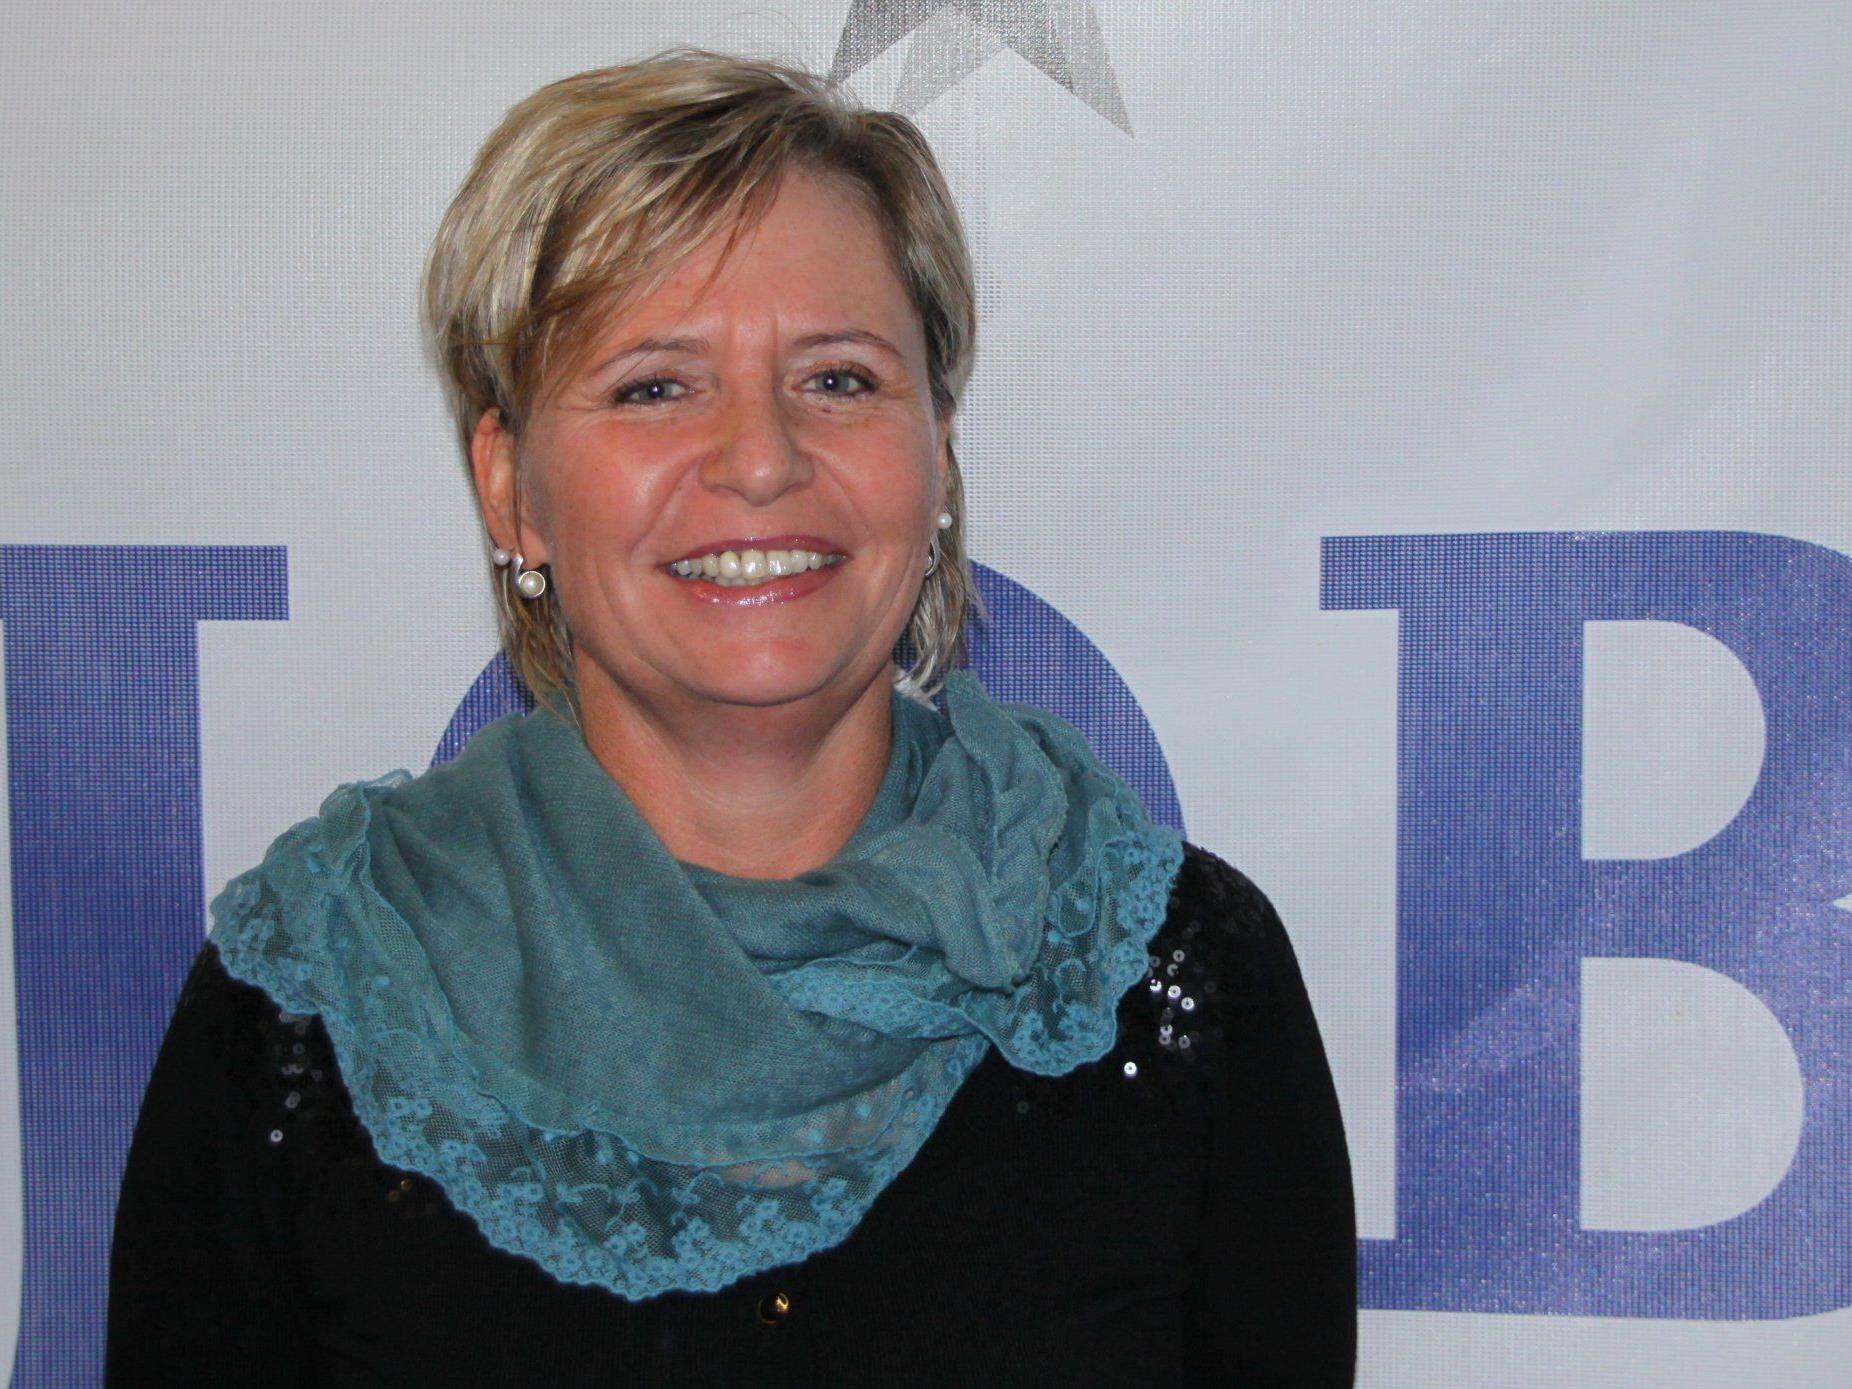 Seit mehr als eineinhalb Jahren FCL-Sekretärin: Elisabeth Rauch.